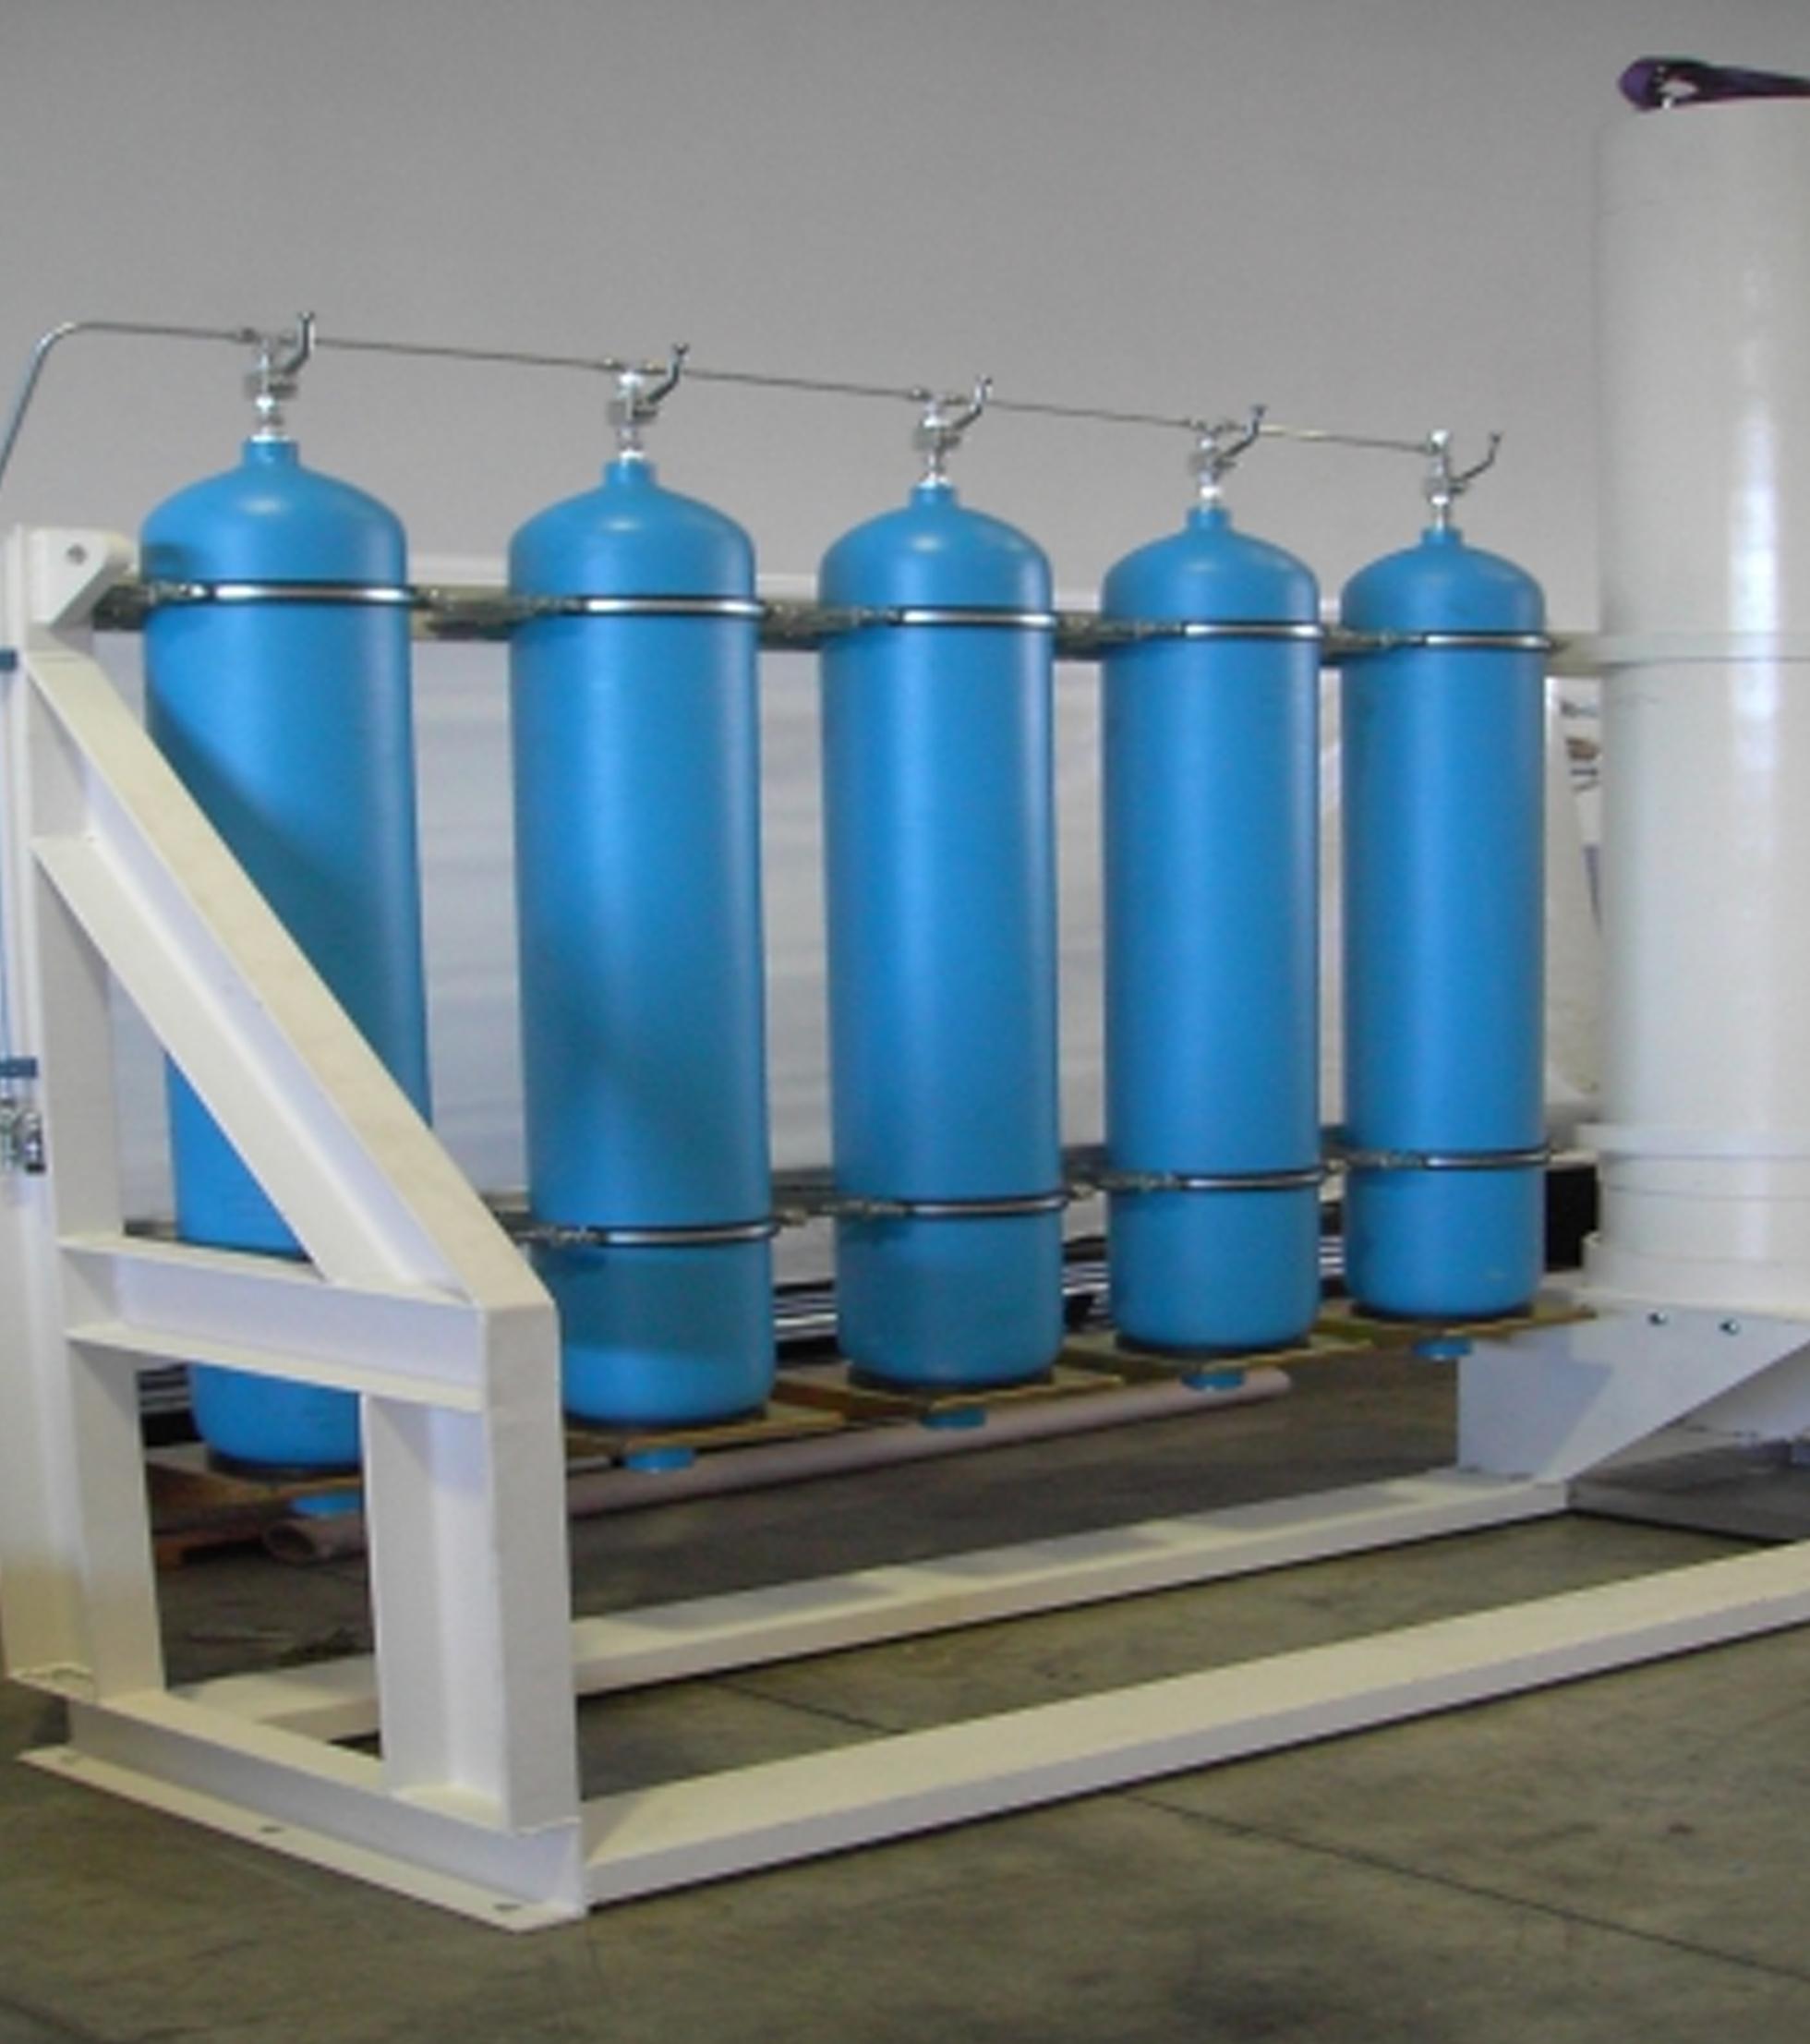 Sistema composto por Acumulador de Pistão Óleo-Hidráulica e as respectivas garrafas de azoto, para fecho de Emergência da Válvula de Topo